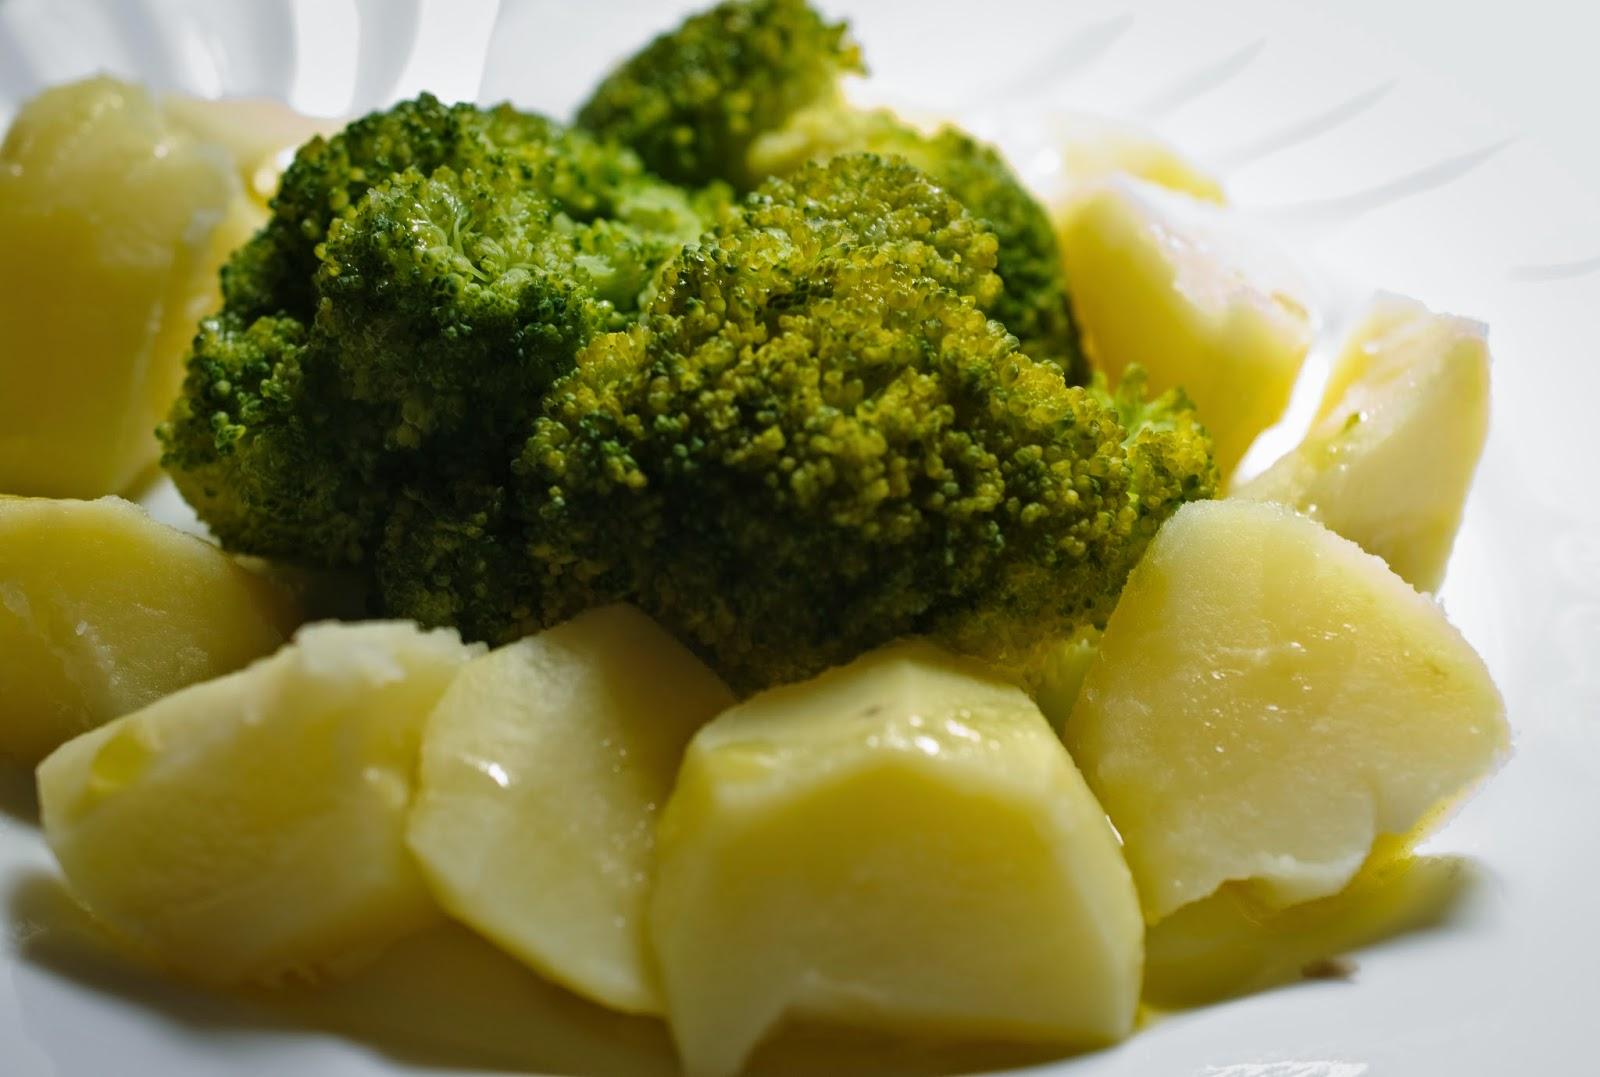 panaché de brócoli y patata; broccoli and potato salad